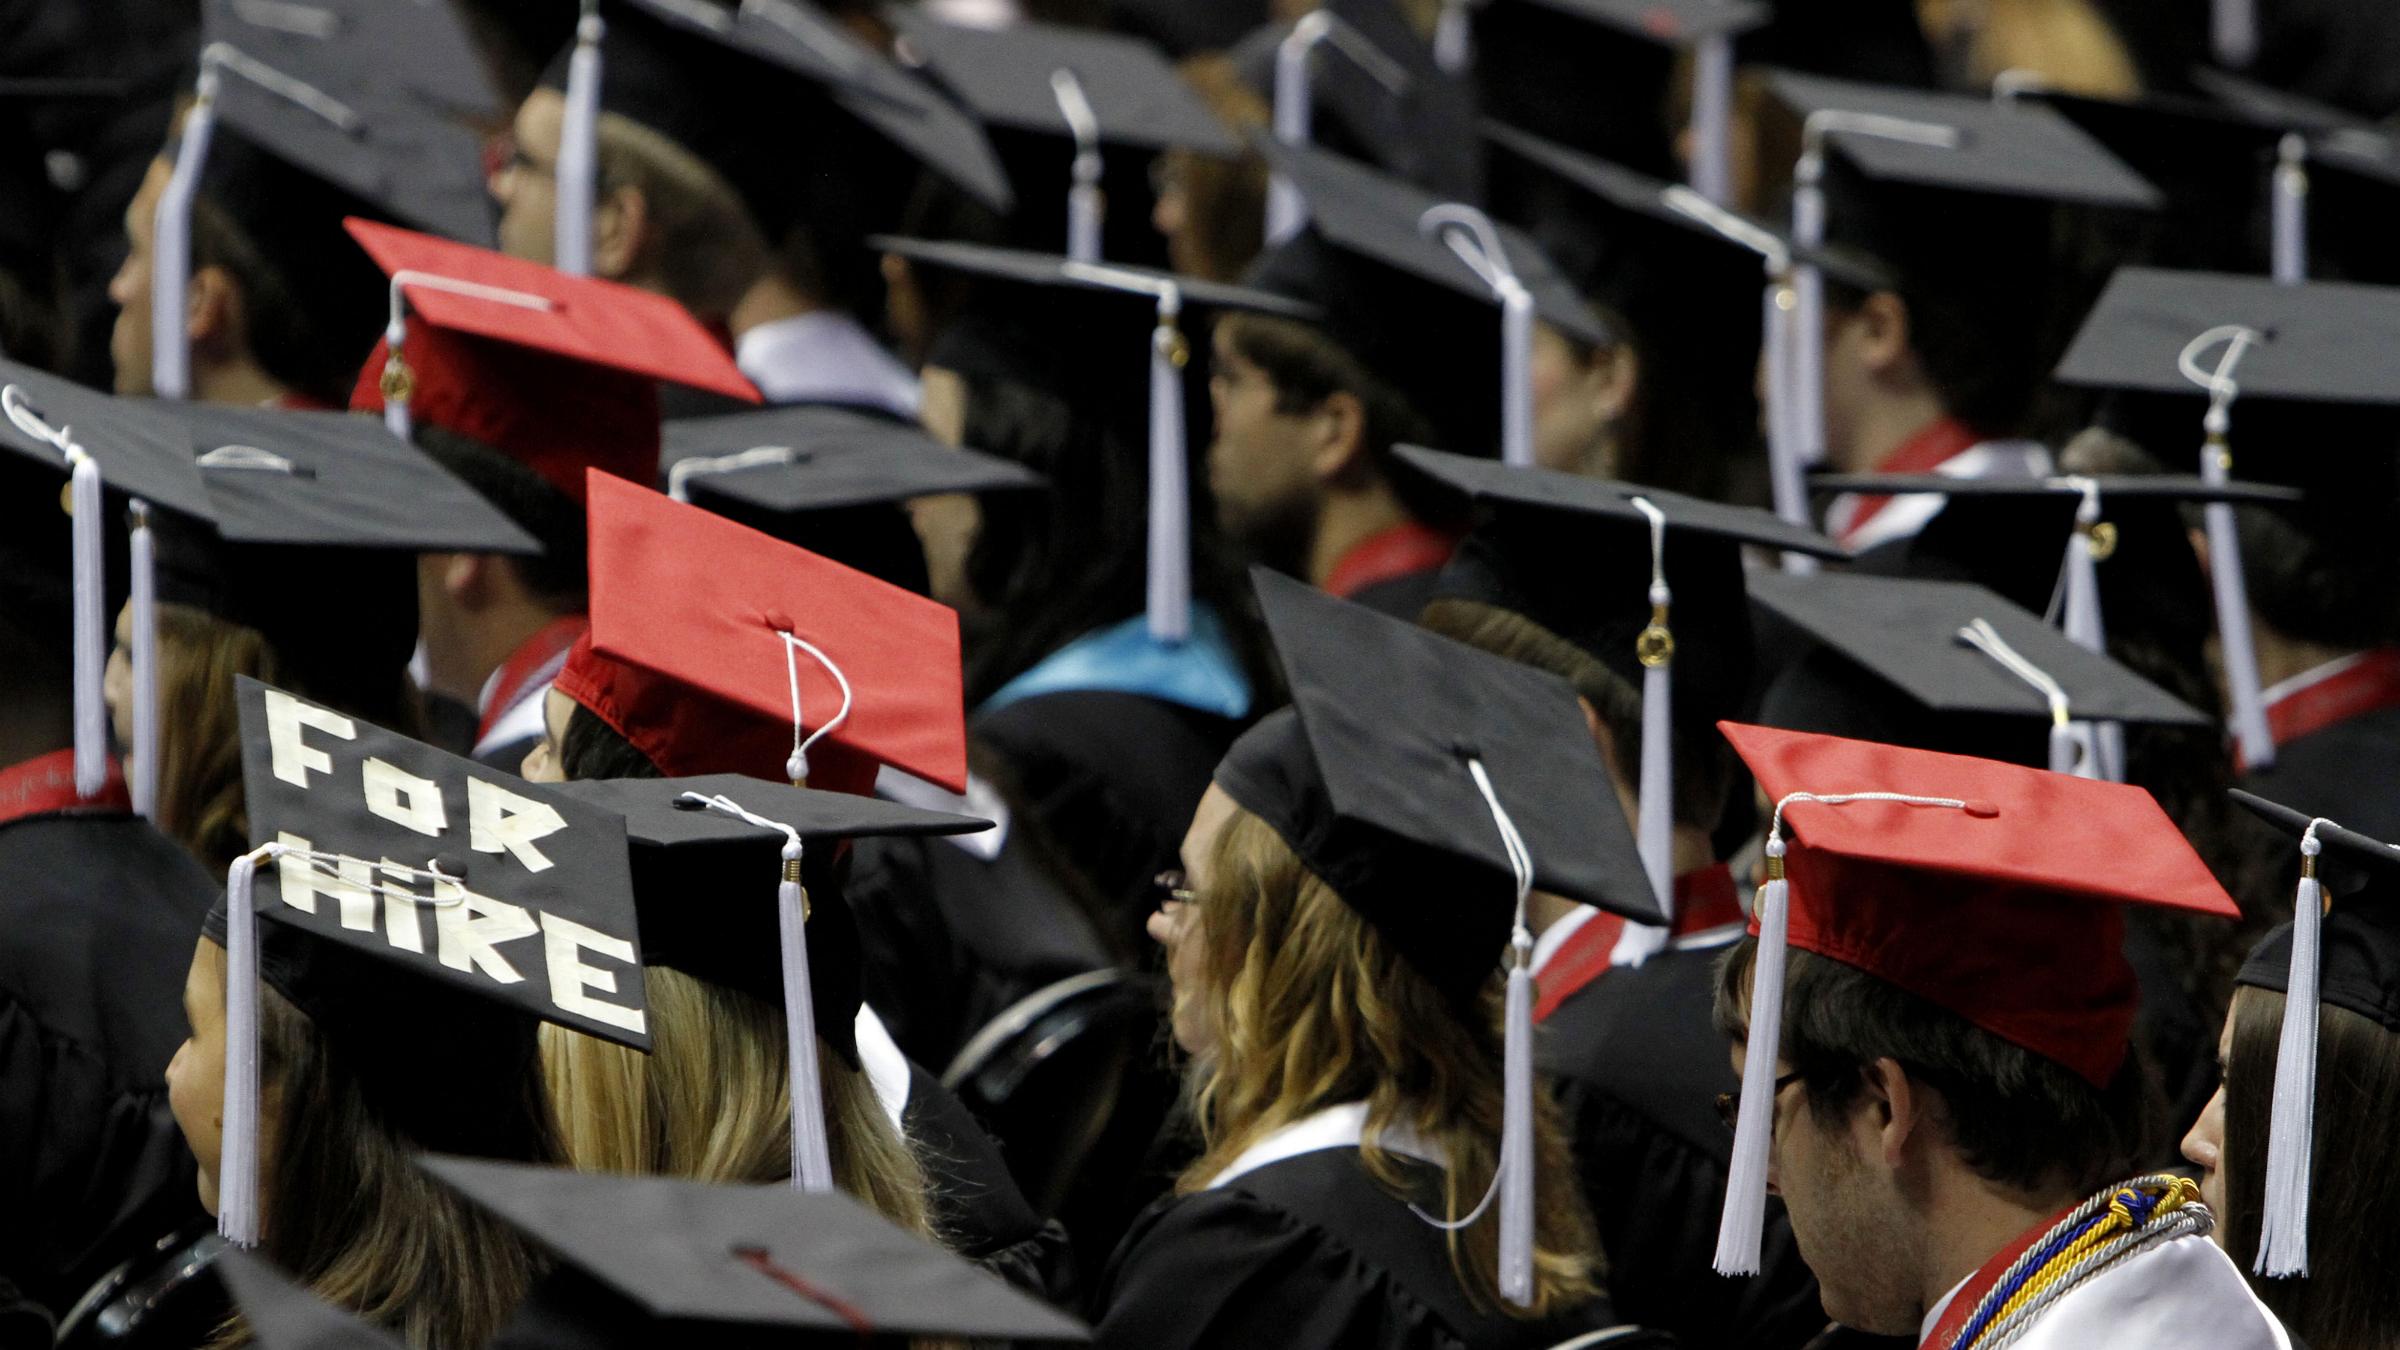 students graduating, debt